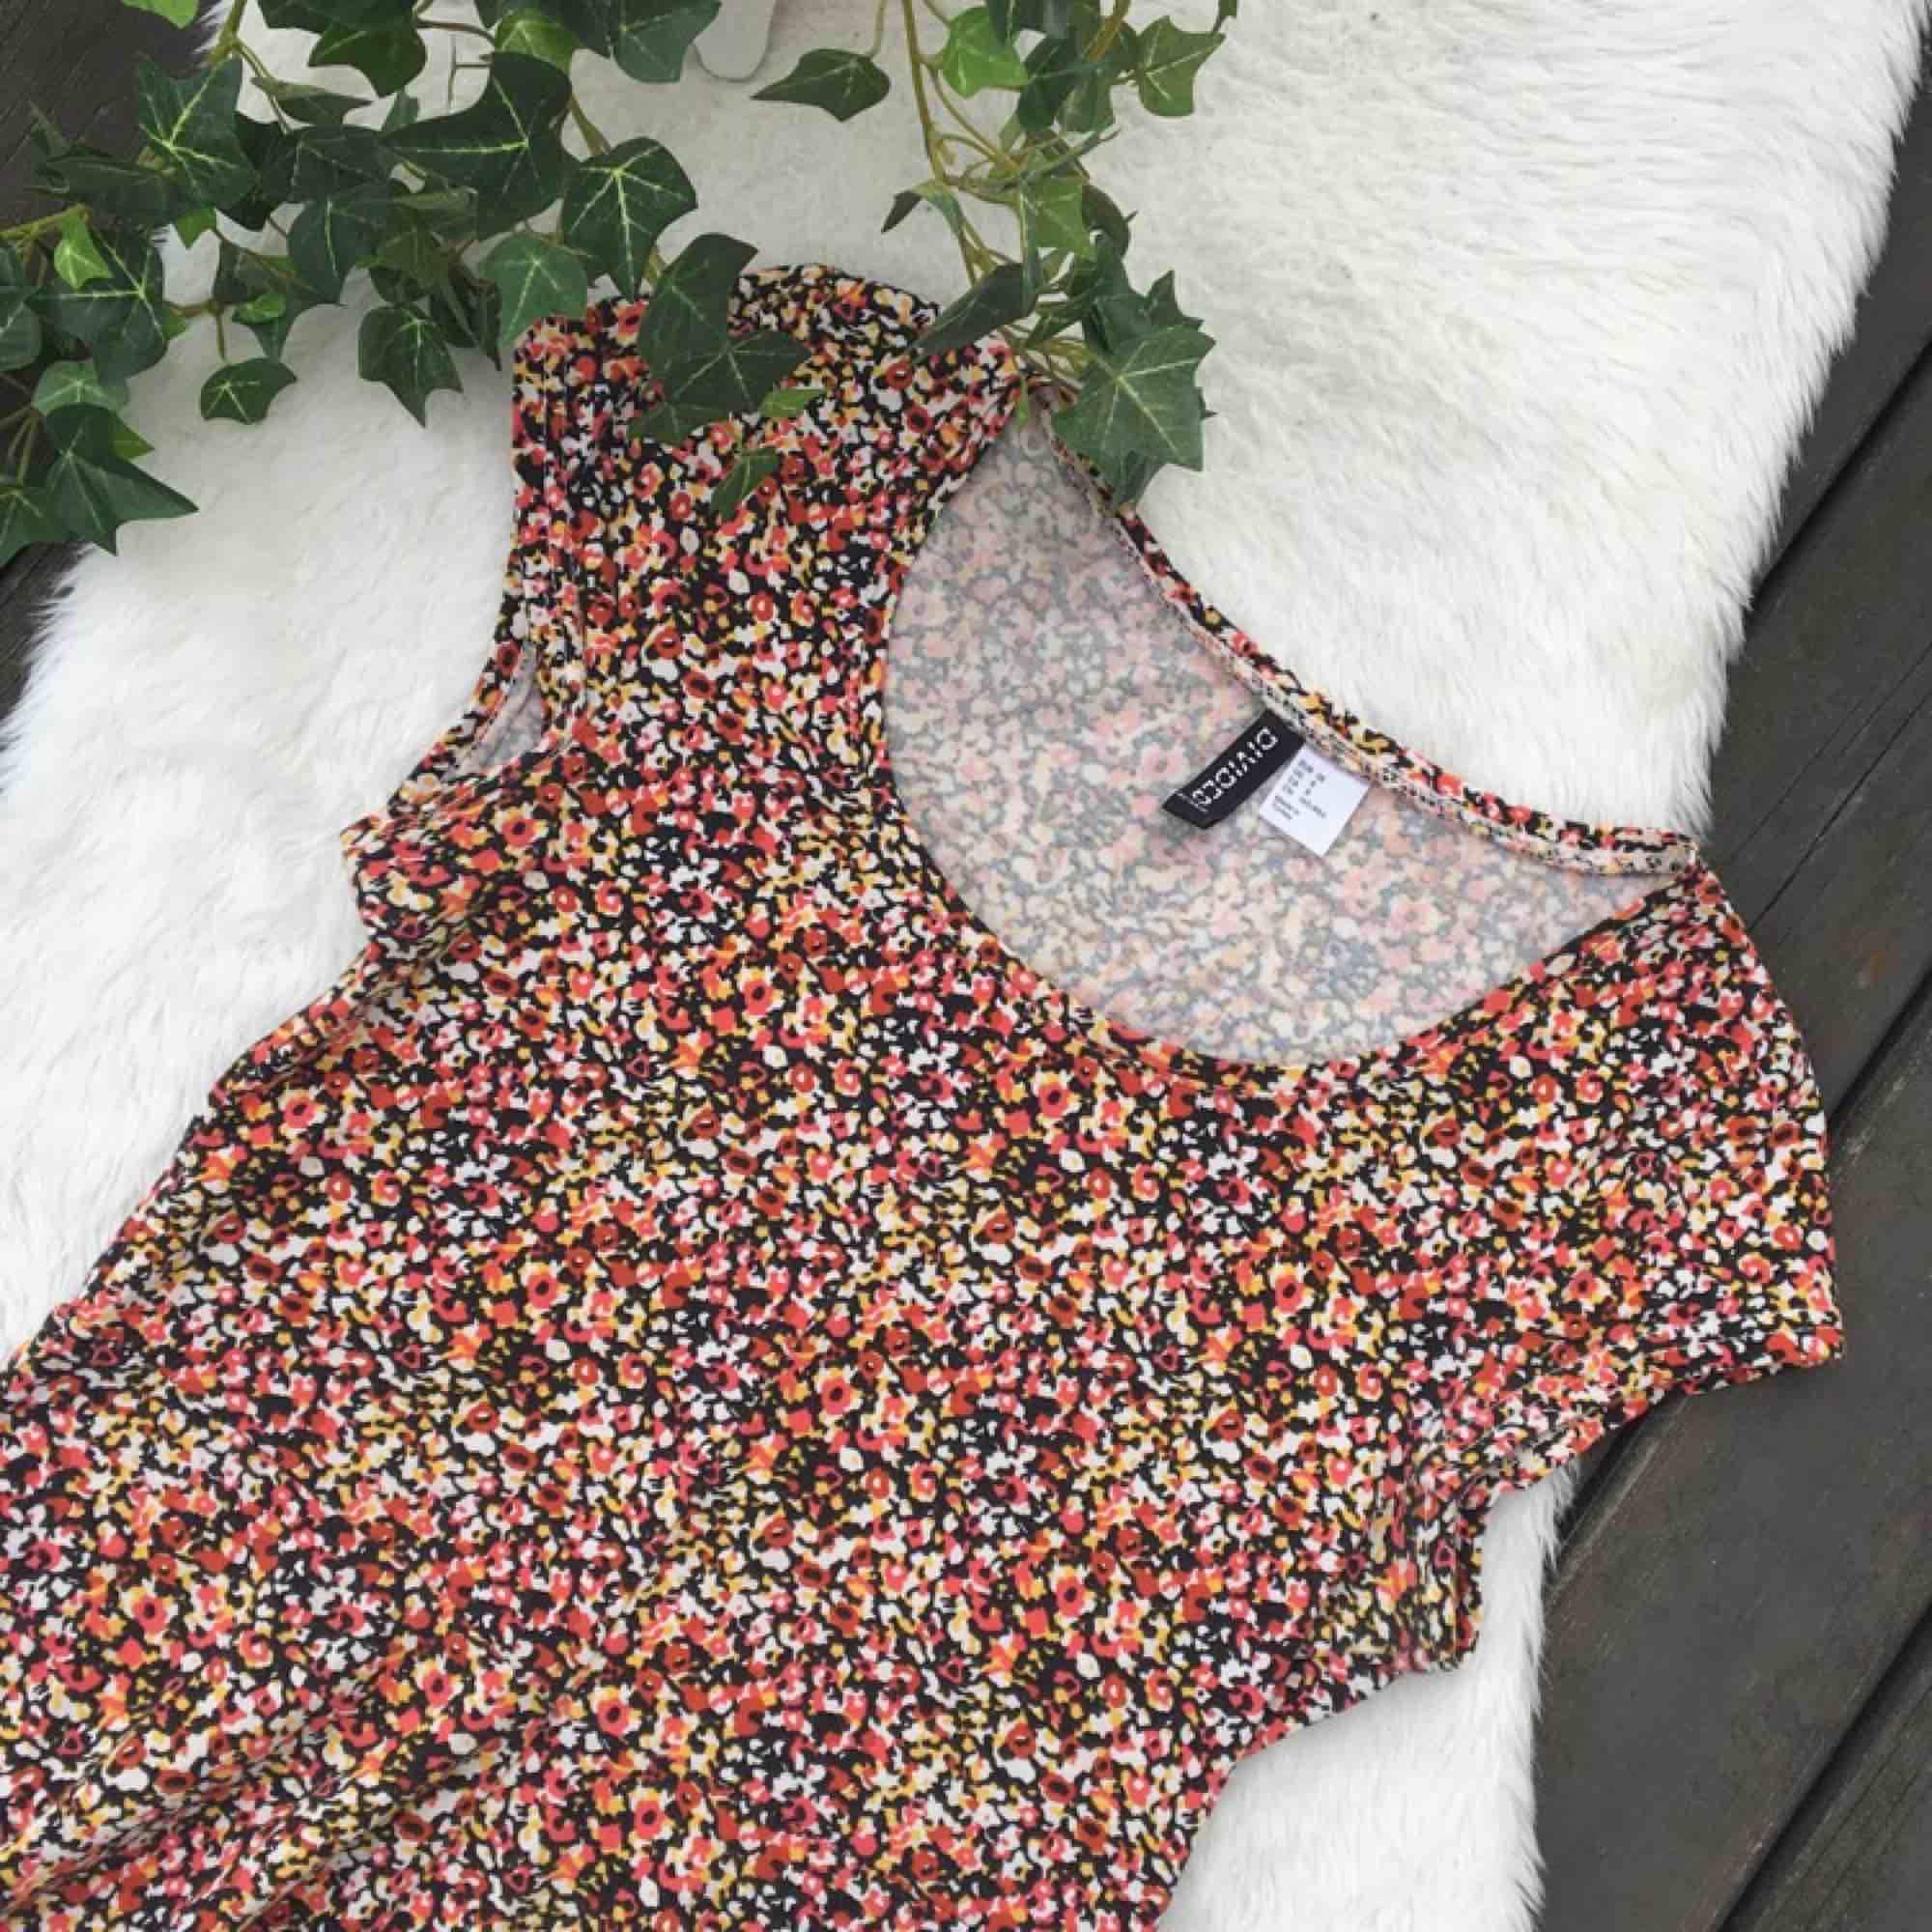 Superfin och skön klänning från H&M. Formar verkligen kroppen jättesnyggt. Storlek 38. Använd ett fåtal gånger. Frakt ingår i priset.. Klänningar.